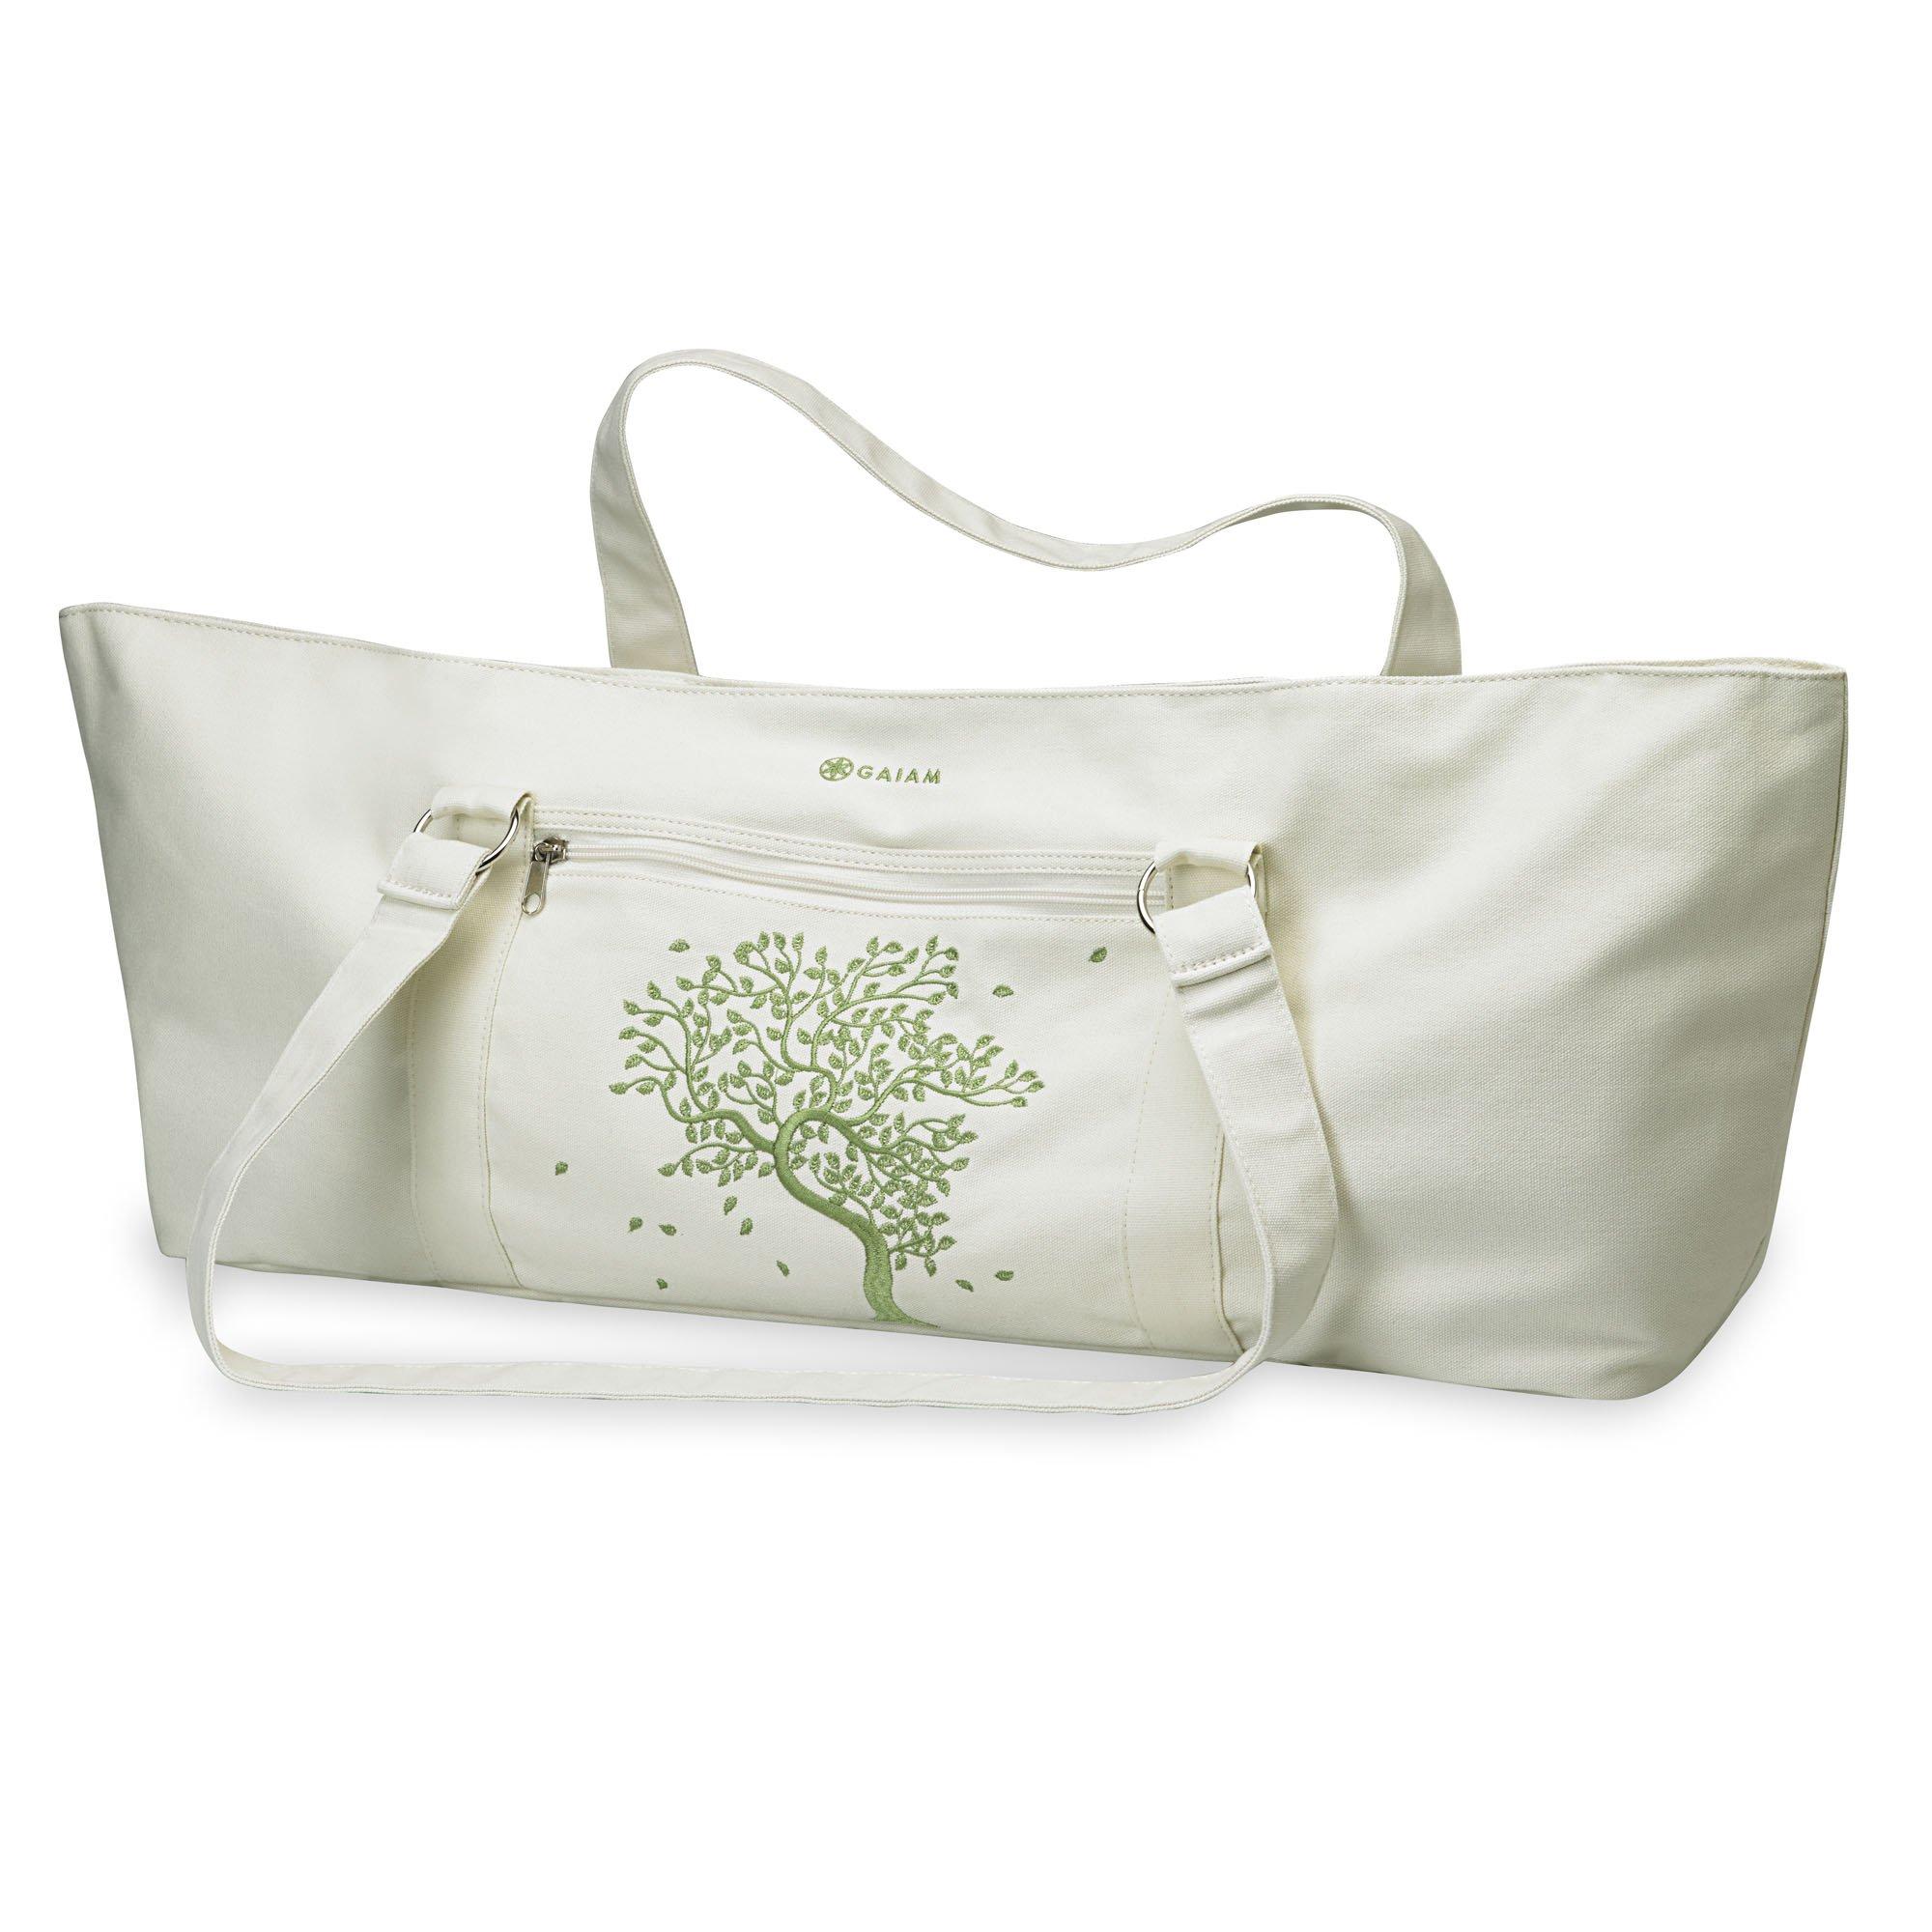 Gaiam Yoga Mat Tote Bag, Tree of Life